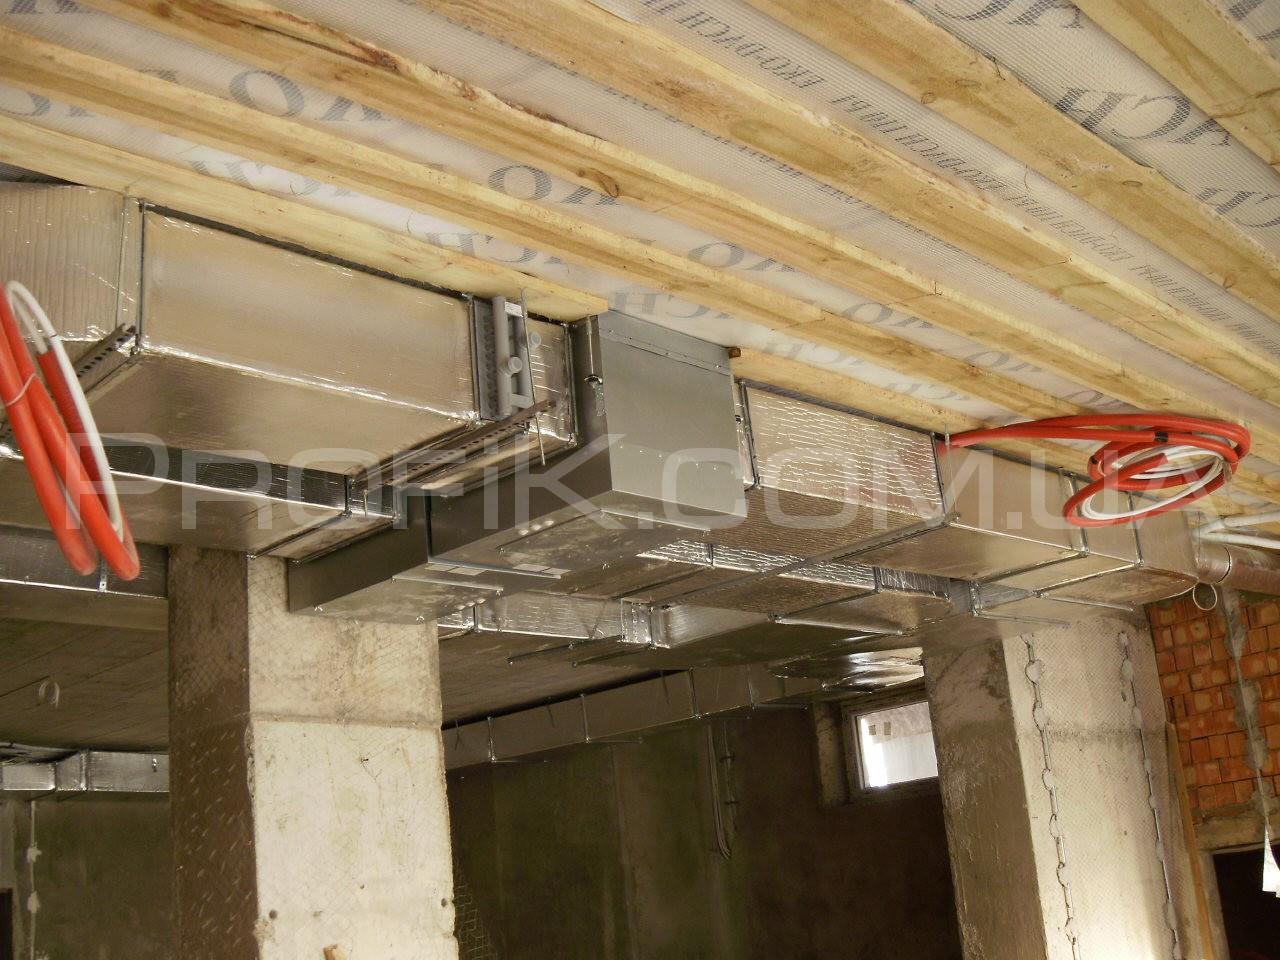 promyshdennaia ventiliatciia odessa